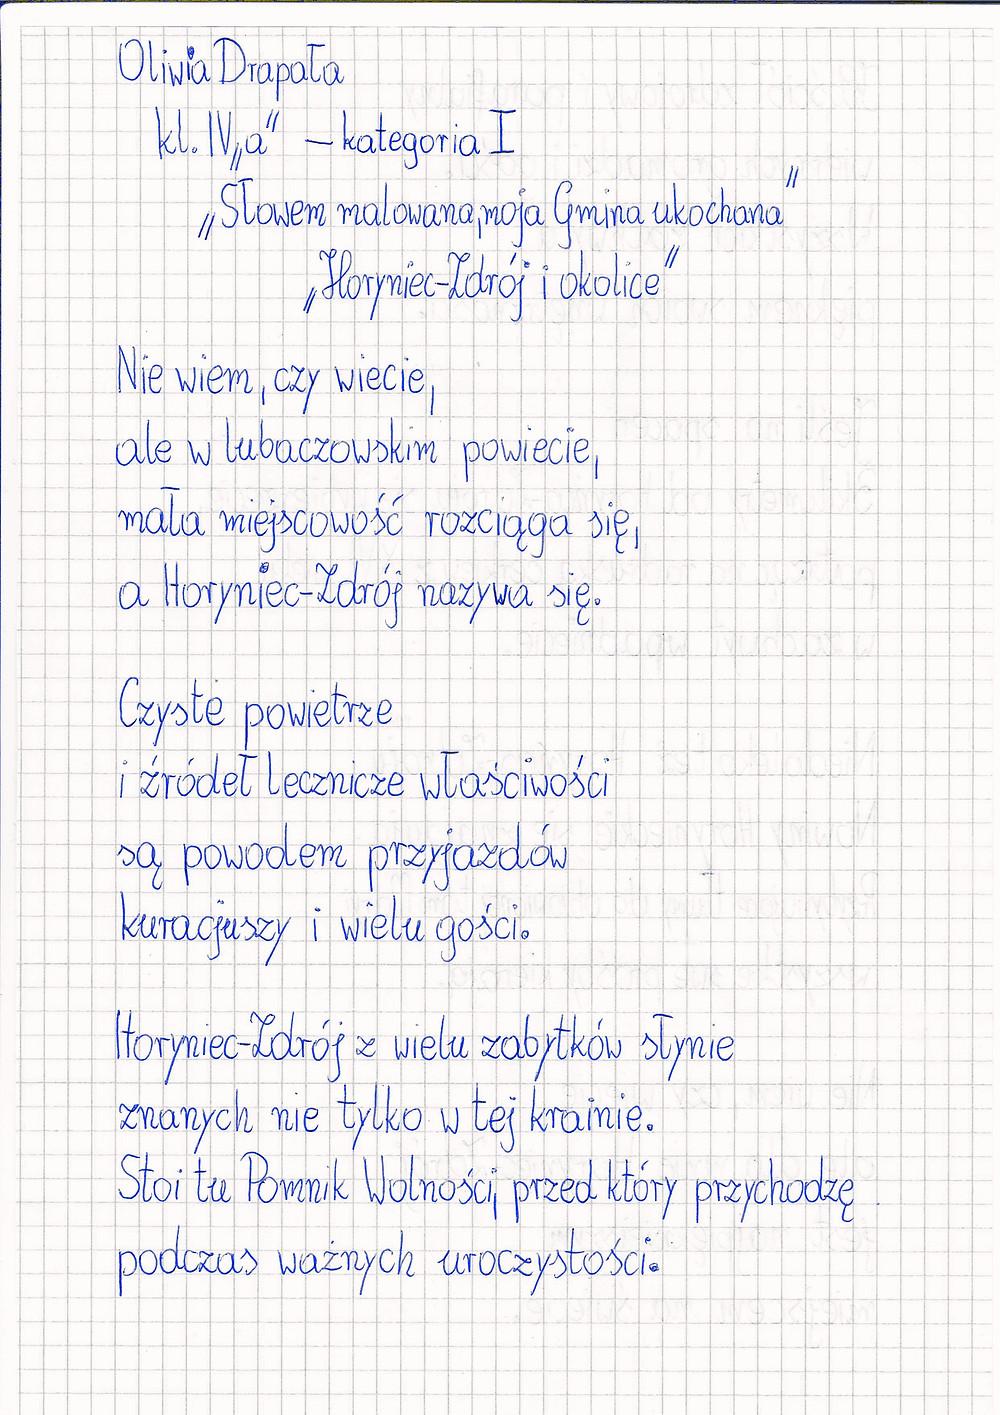 """Oryginał wiersza """"Horyniec-Zdrój i okolice"""" Oliwii Drapały..."""